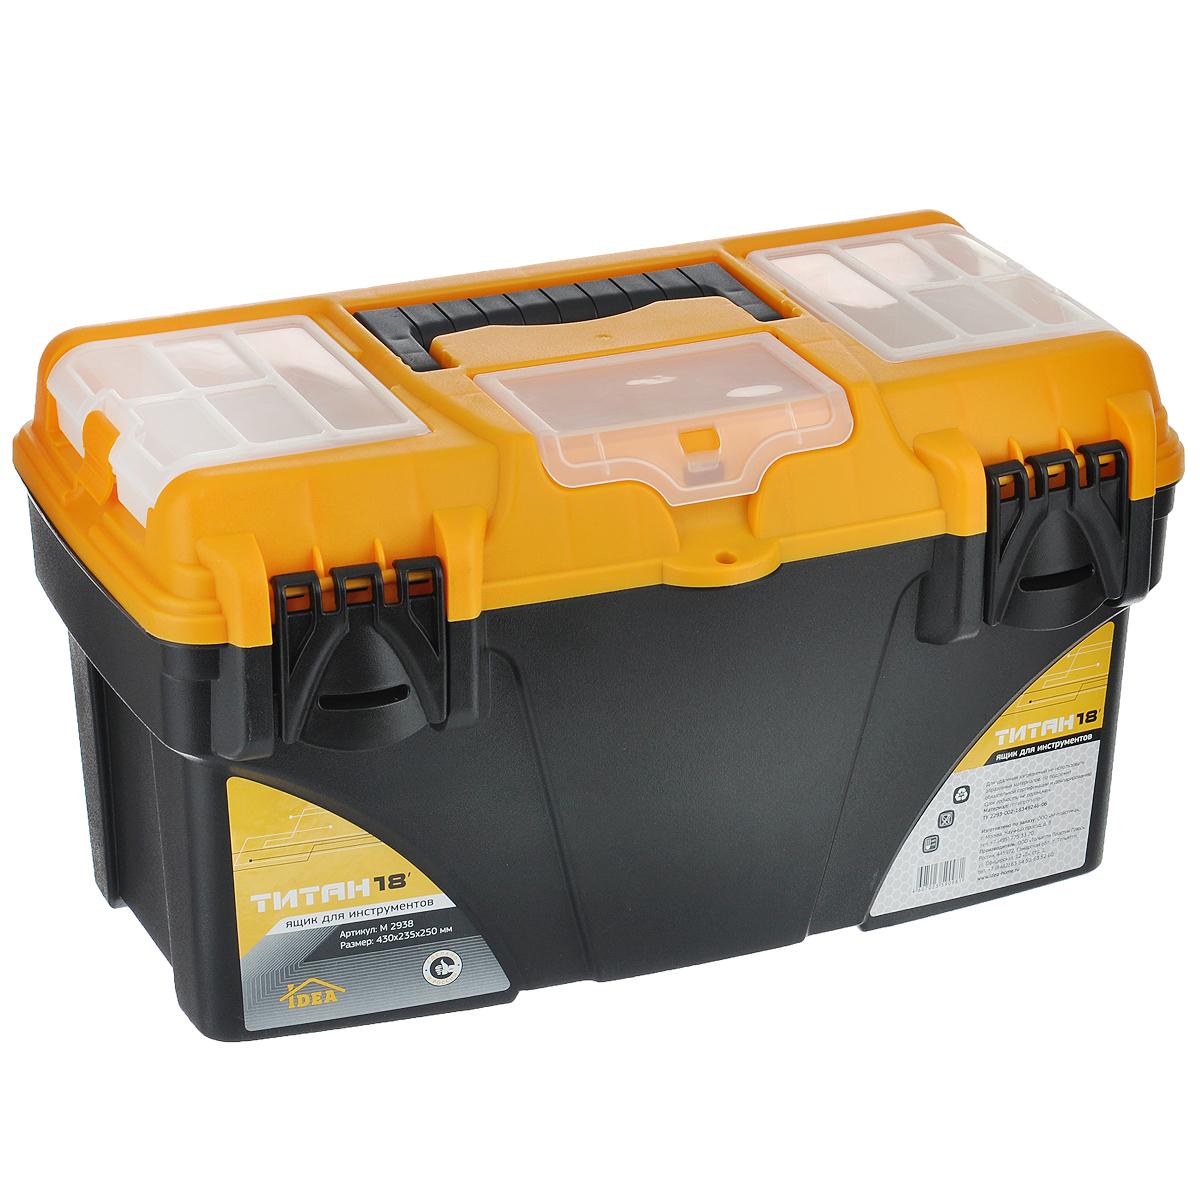 Ящик для инструментов Idea Титан 18, со съемным органайзером, 43 х 23,5 х 25 смМ 2938Ящик Idea Титан 18 изготовлен из прочного пластика и предназначен для хранения и переноски инструментов. Вместительный, внутри имеет большое главное отделение. Крышка оснащена двумя съемными органайзерами и отделением для хранения бит. Ящик закрывается при помощи крепких защелок, которые не допускают случайного открывания. Для более комфортного переноса в руках, на крышке ящика предусмотрена удобная ручка.